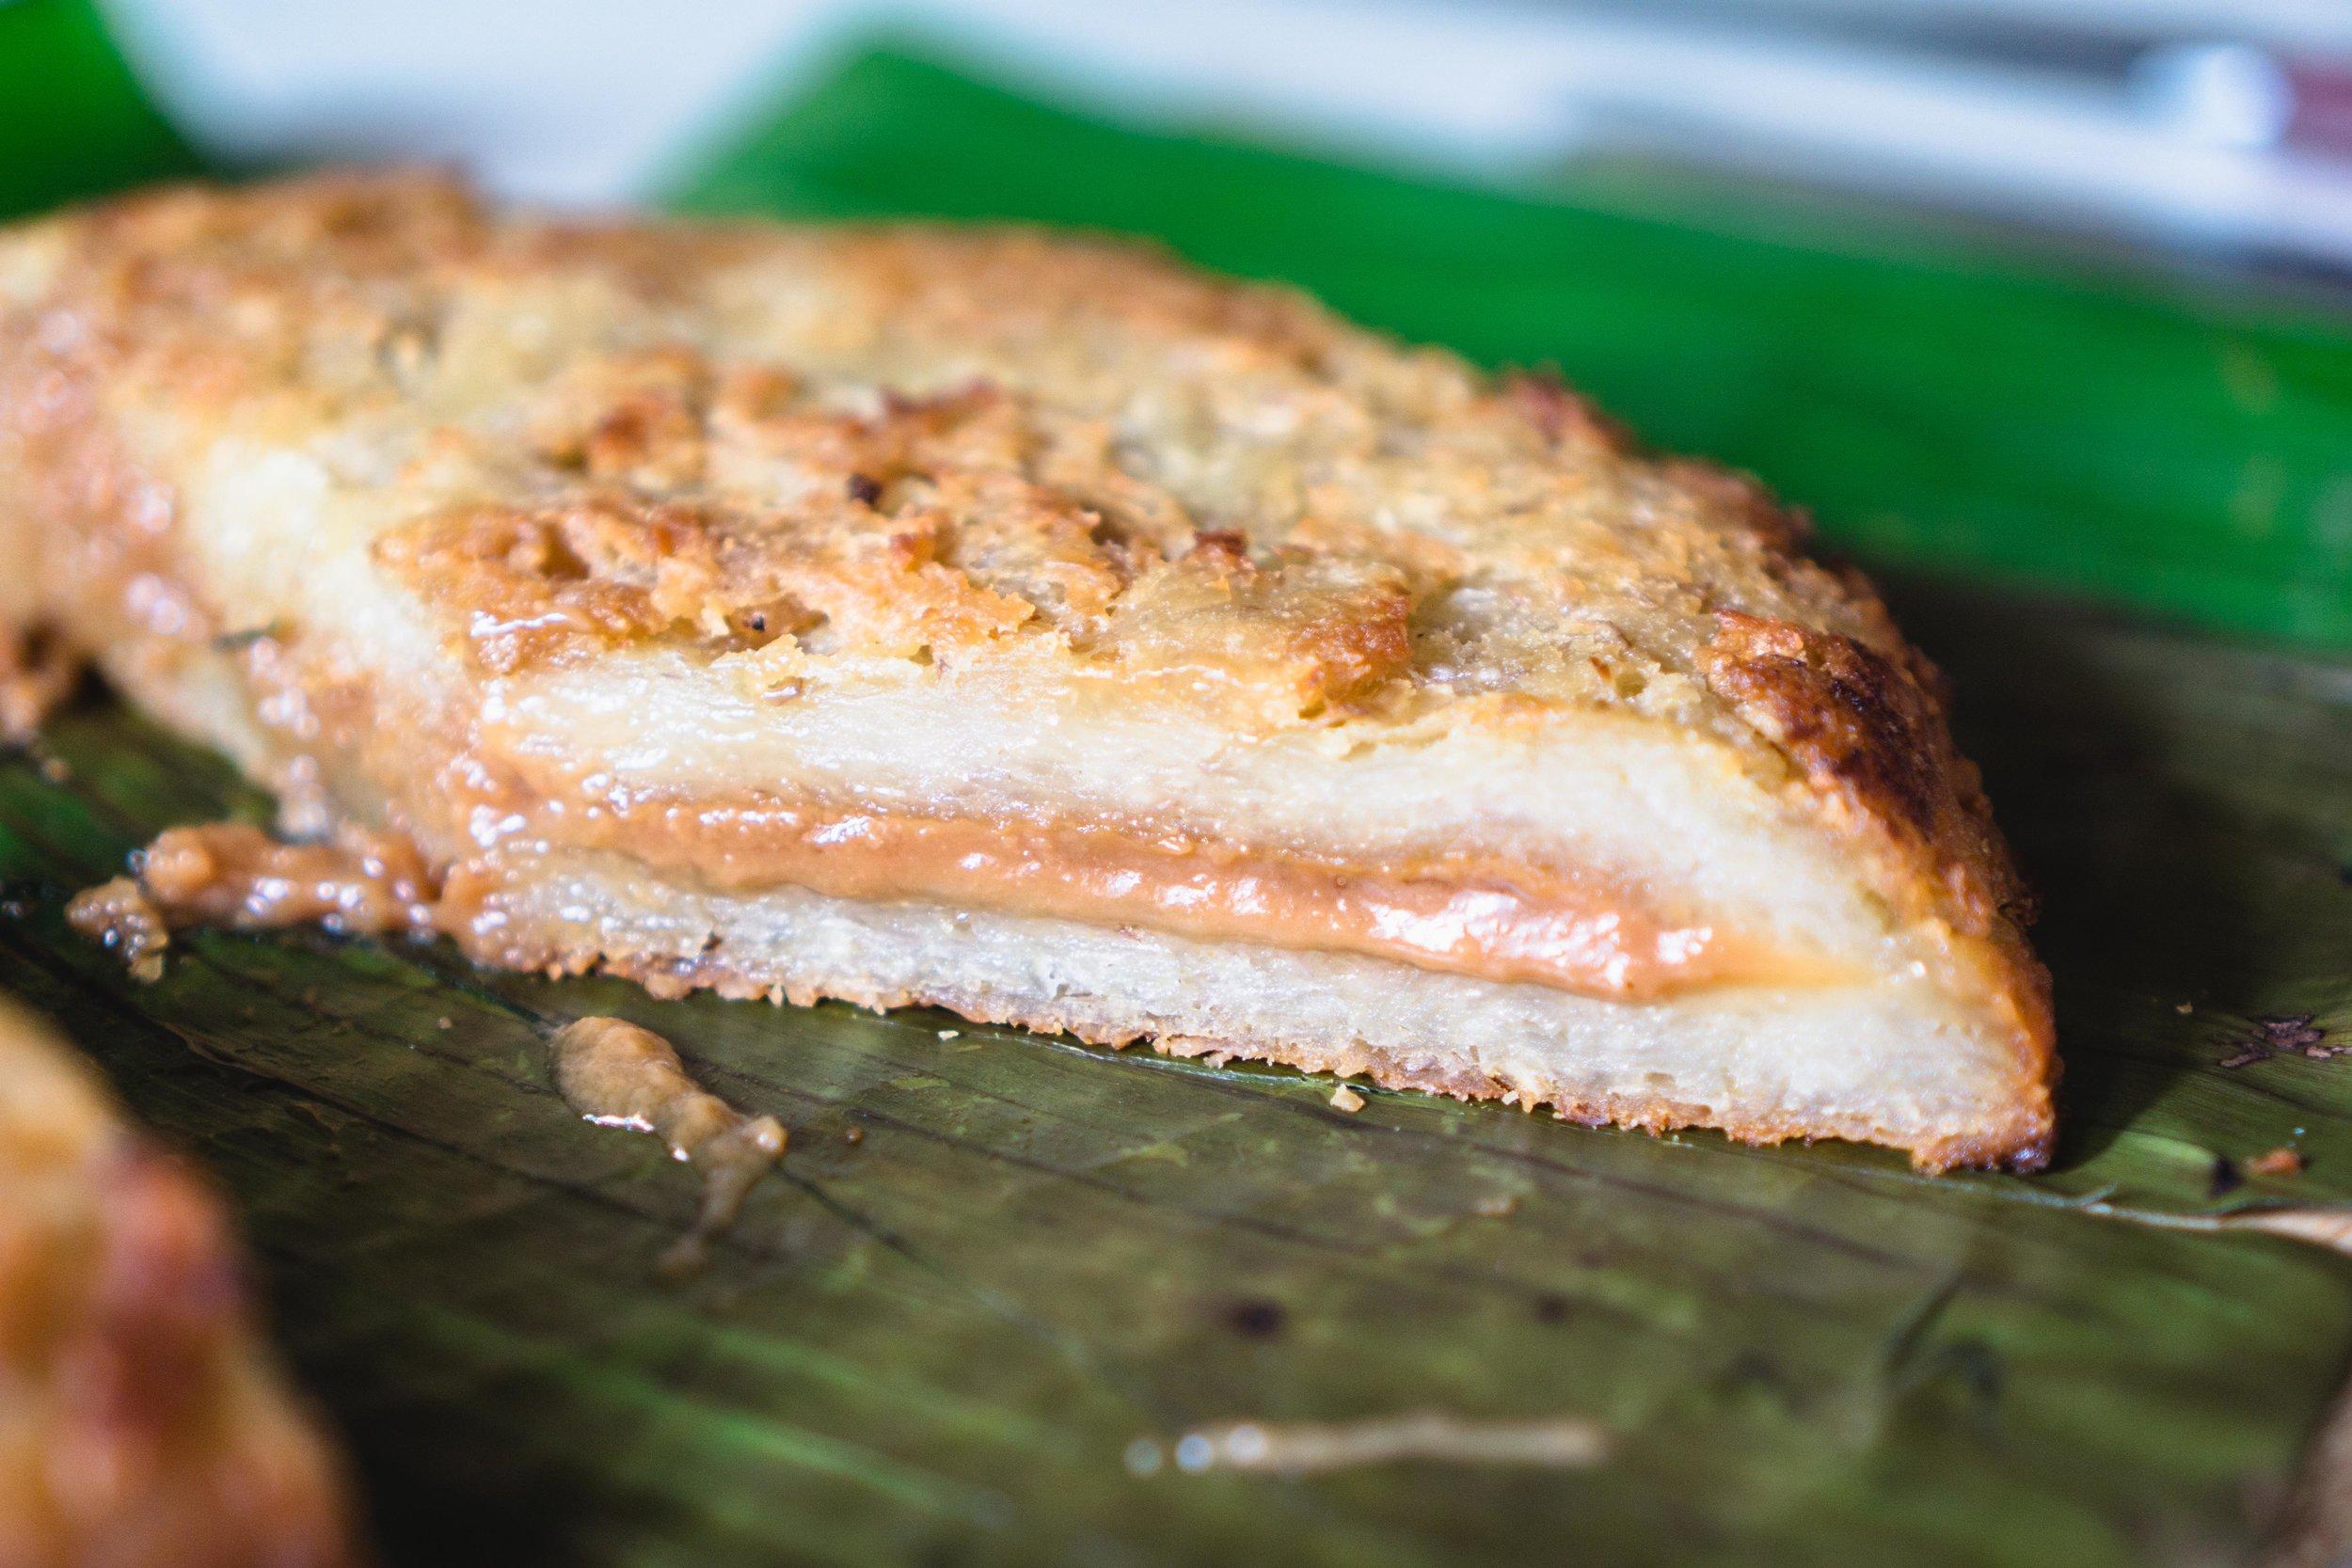 Bingka Ubi (Tapioca Cake) Special